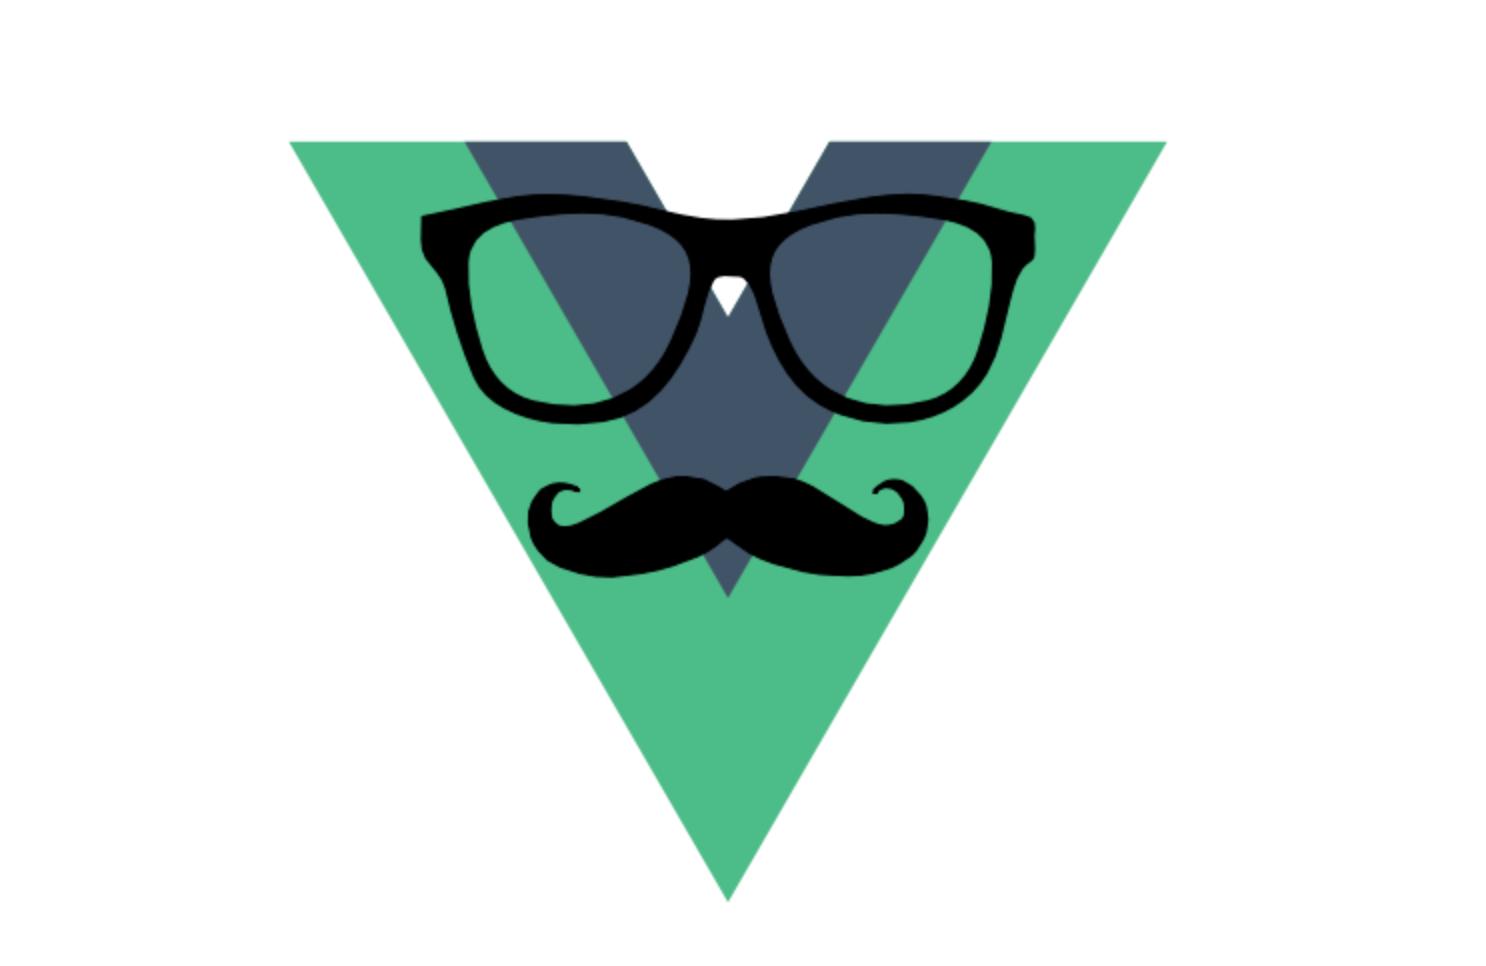 Vuejs Component Style Guide - VueJS